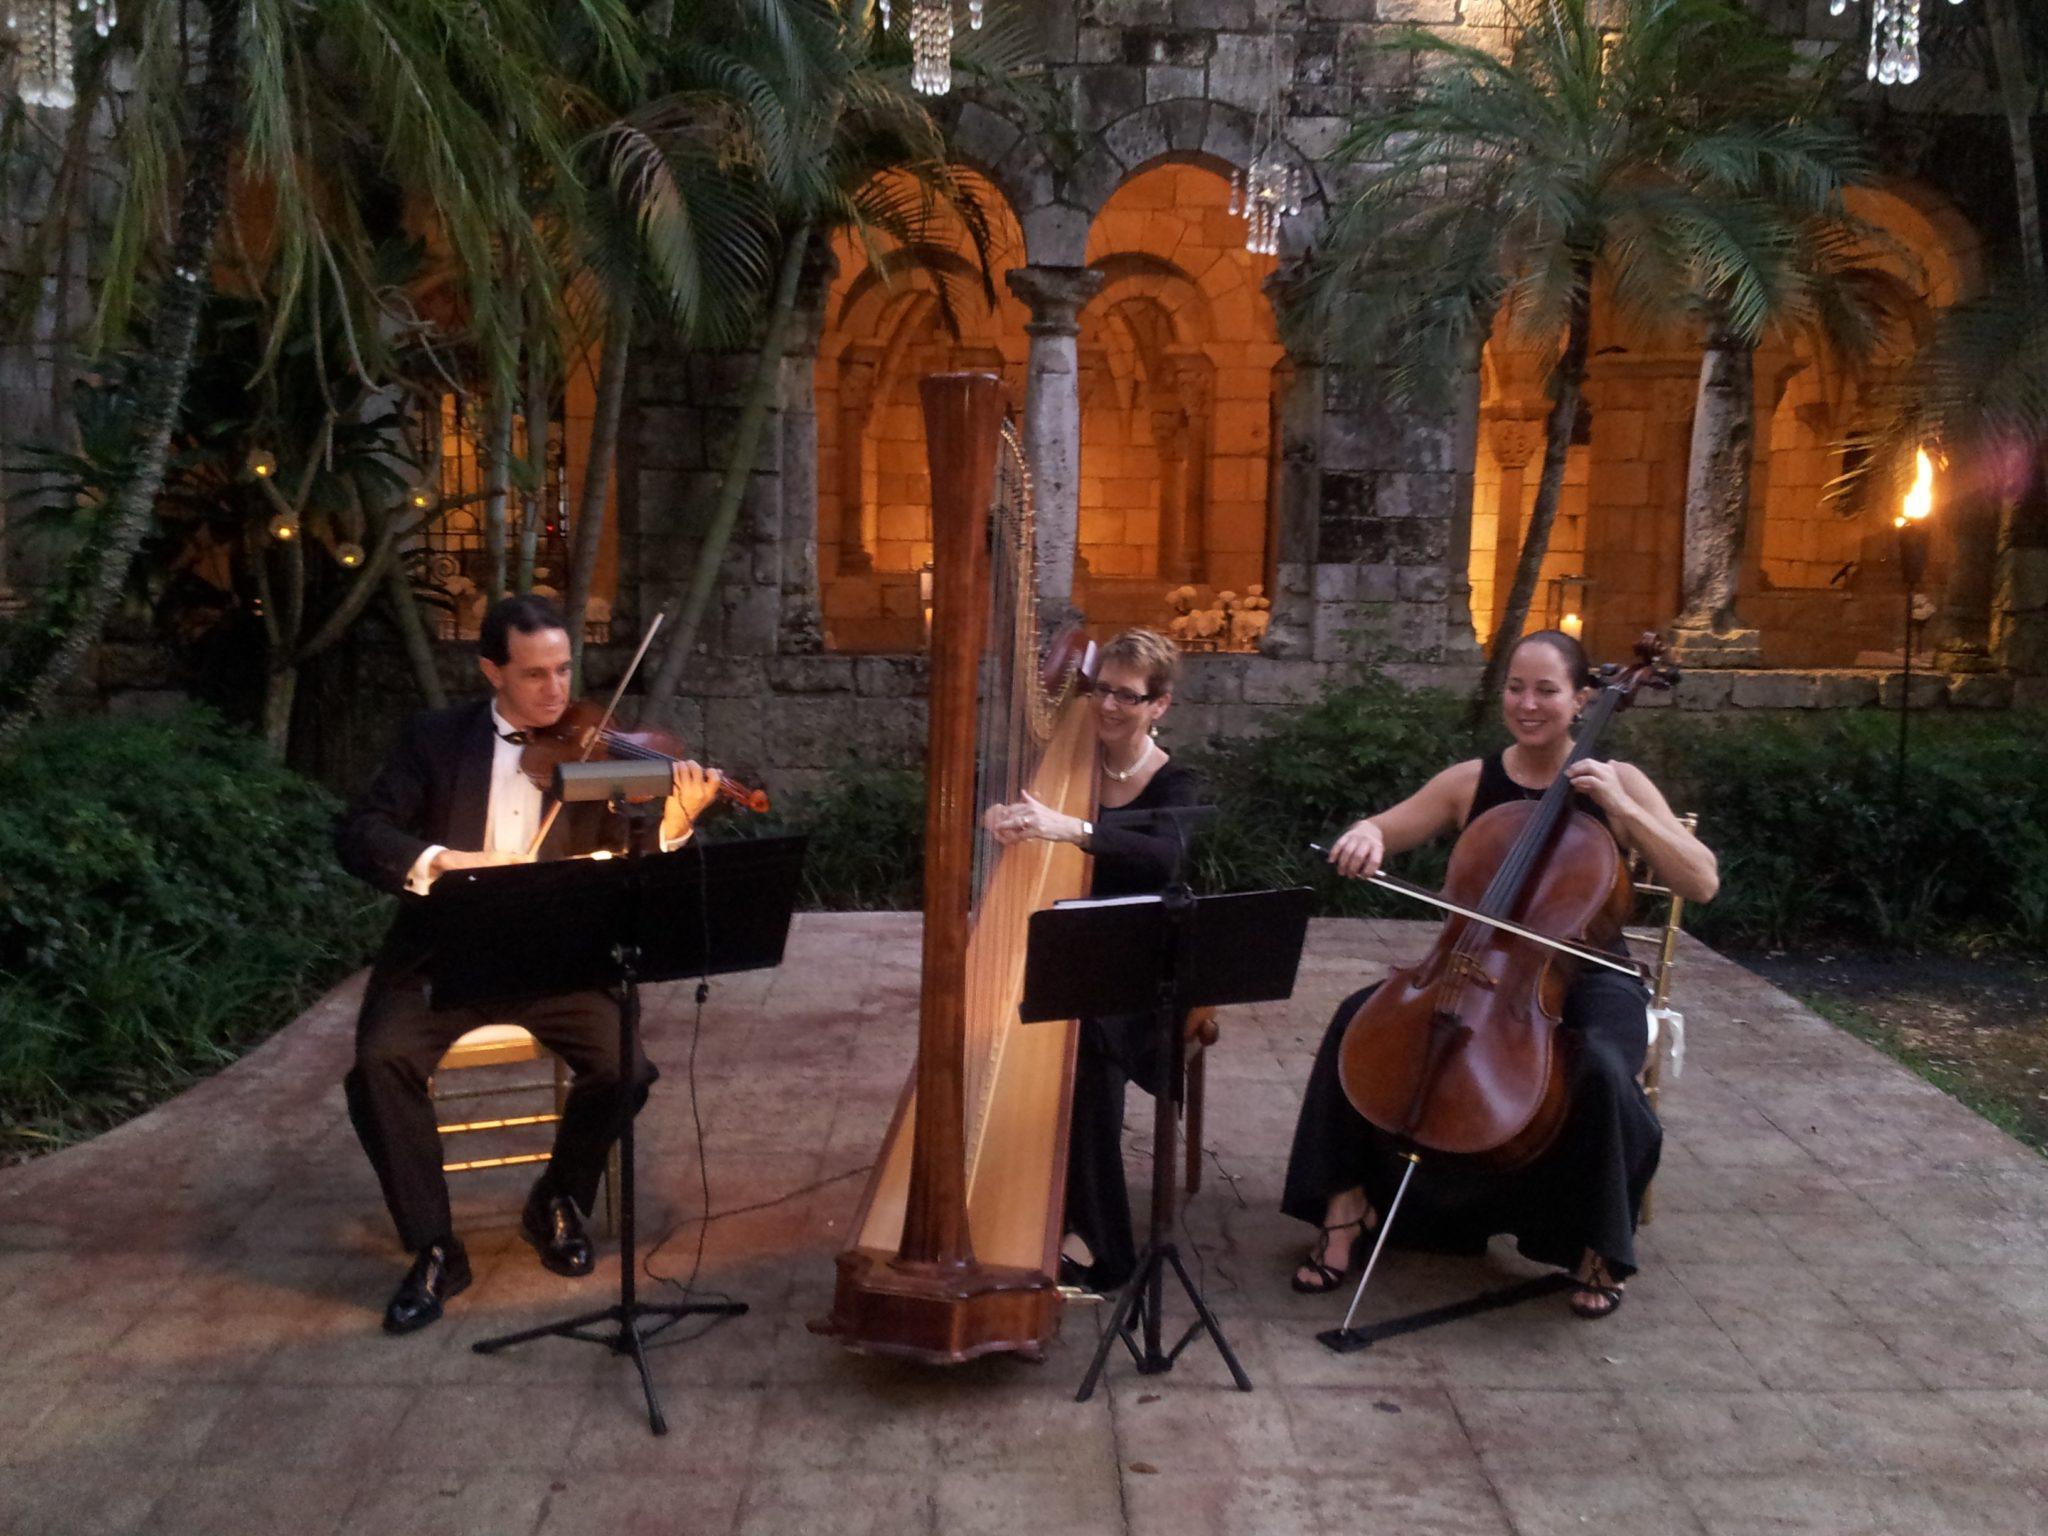 Musica per matrimonio in Chiesa con Arpa e Violino